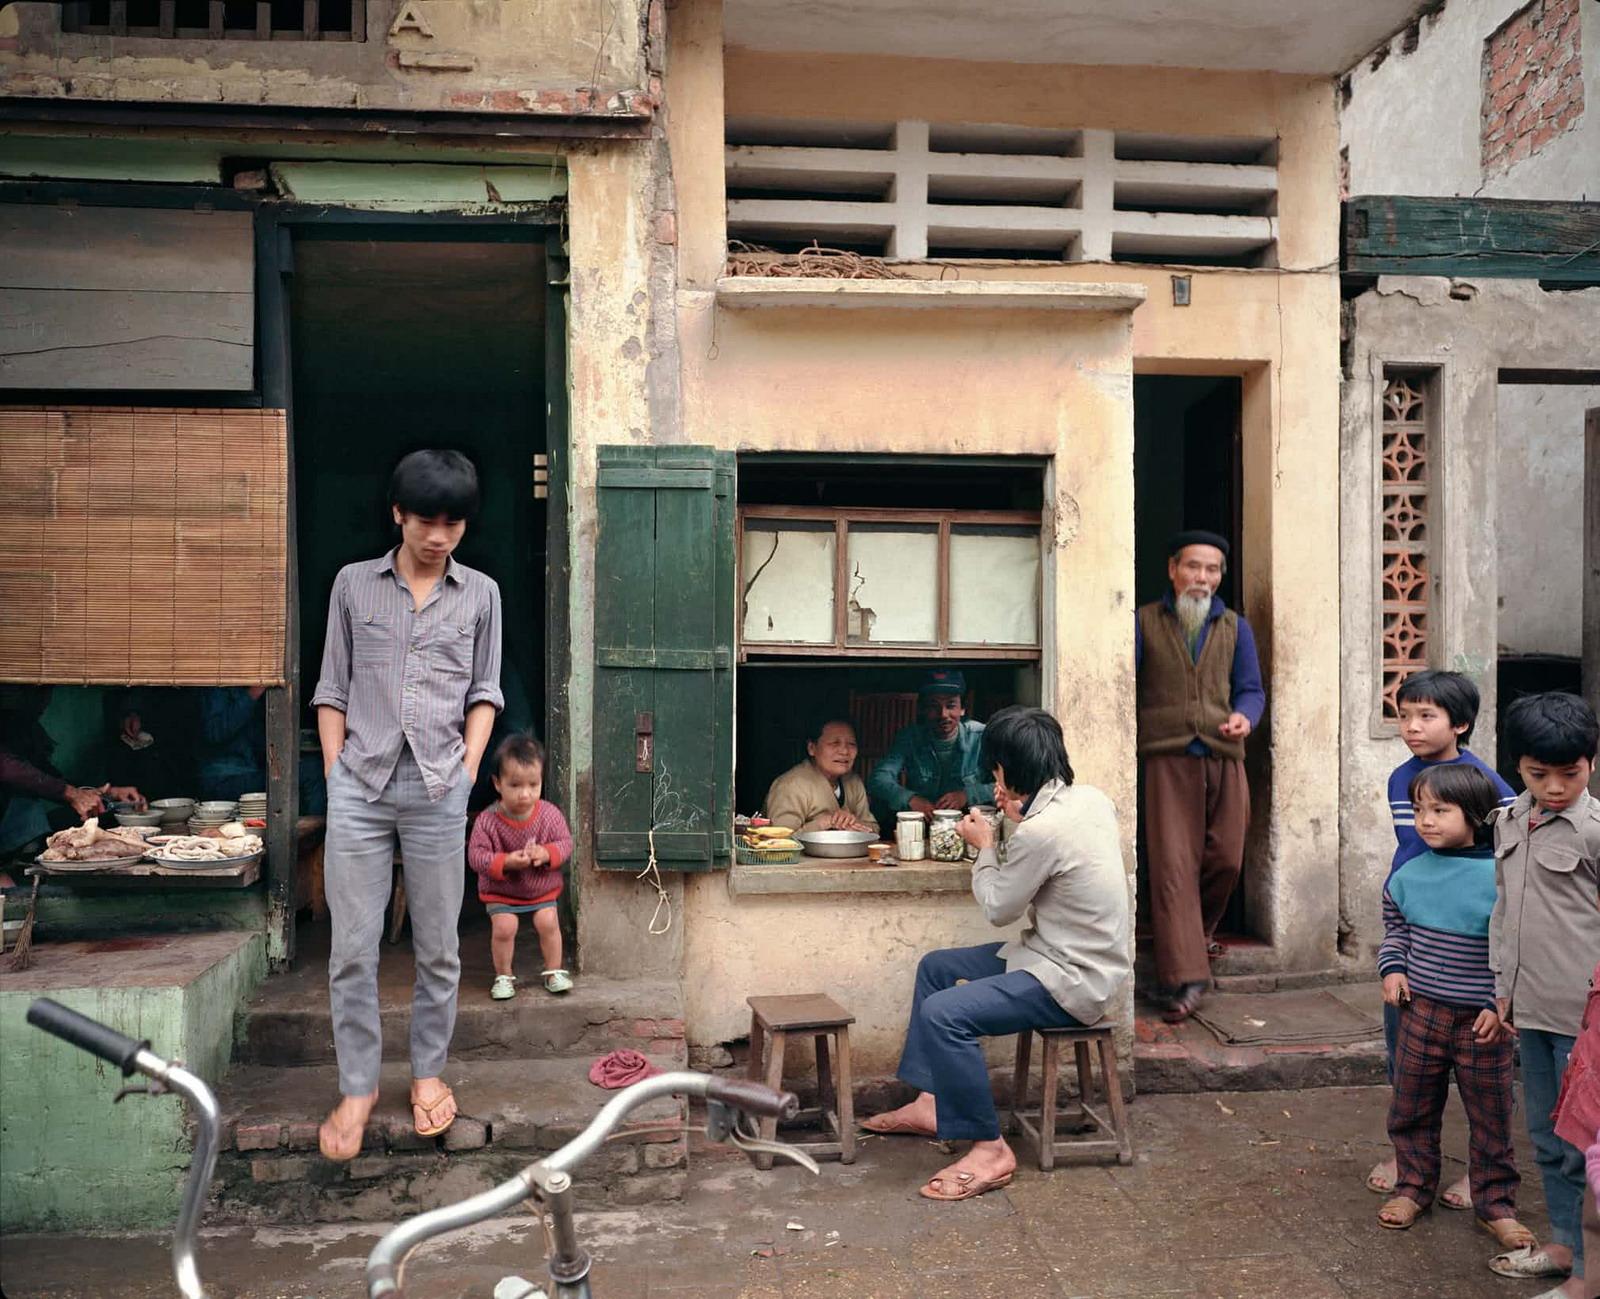 Ngắm Hà Nội thập niên 1980 – 1990 qua ảnh của người Mỹ